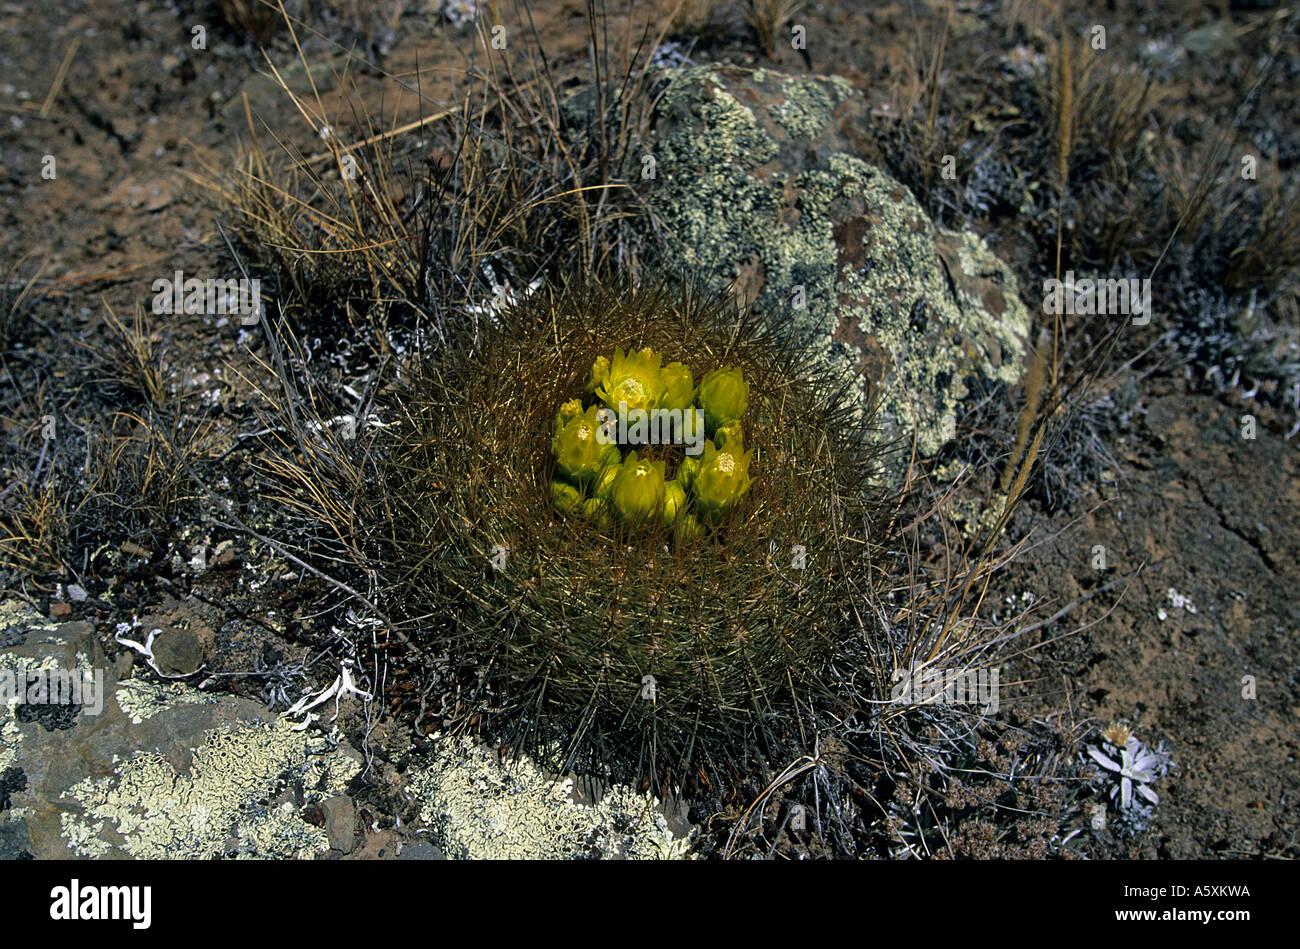 A cactus in bloom on the setting of Winchus (Peru). Cactus en fleur sur le site de Winchus (Pérou). Stock Photo